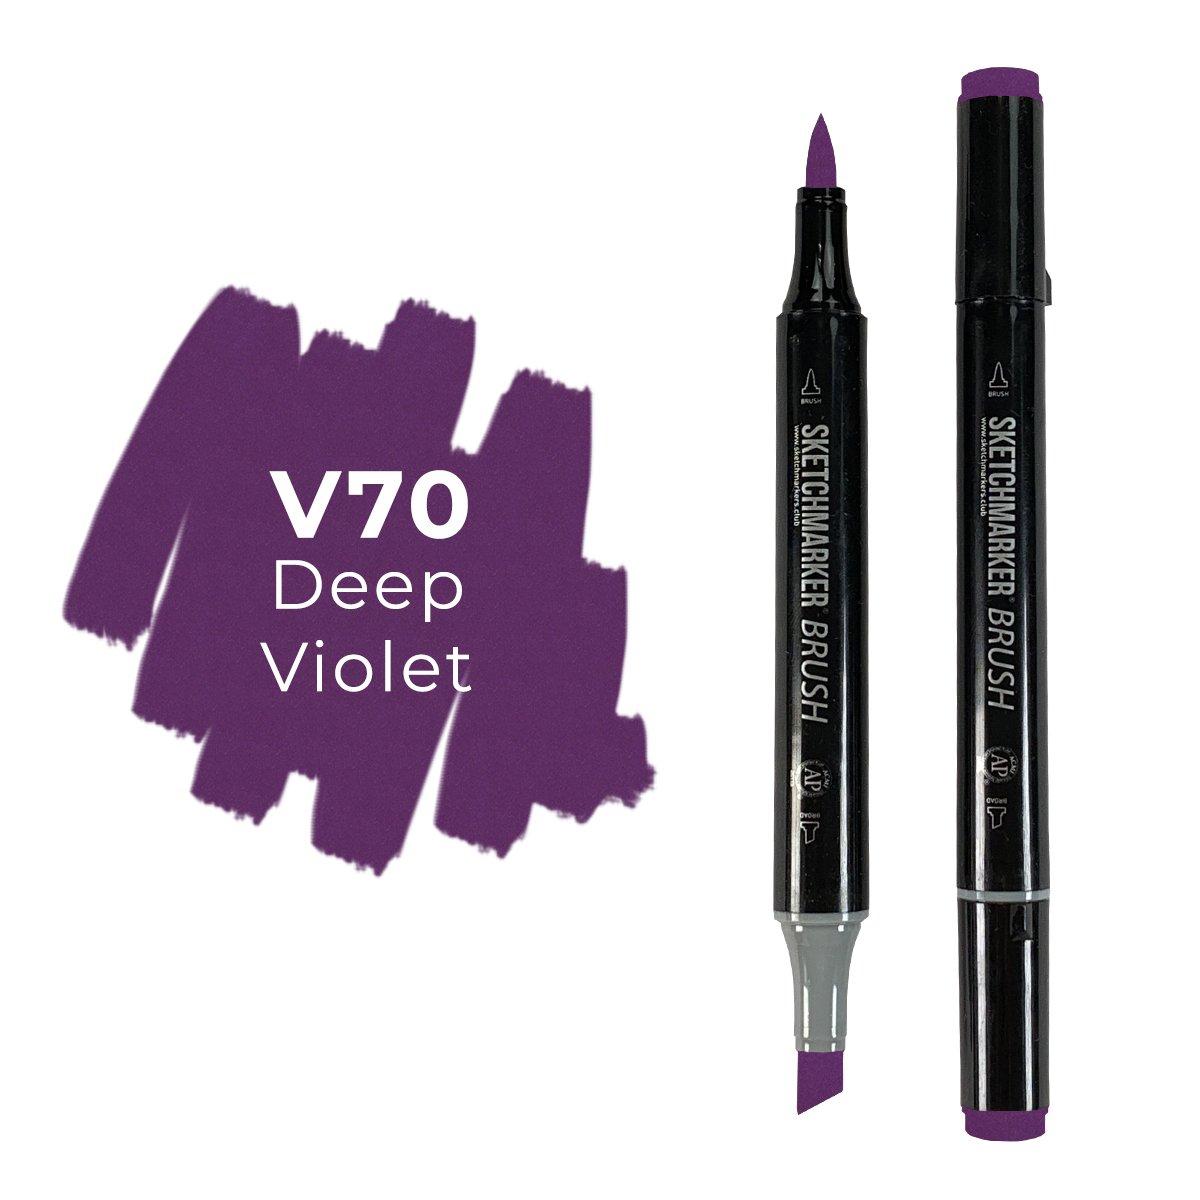 SKETCHMARKER BRUSH PRO Color: Deep Violet